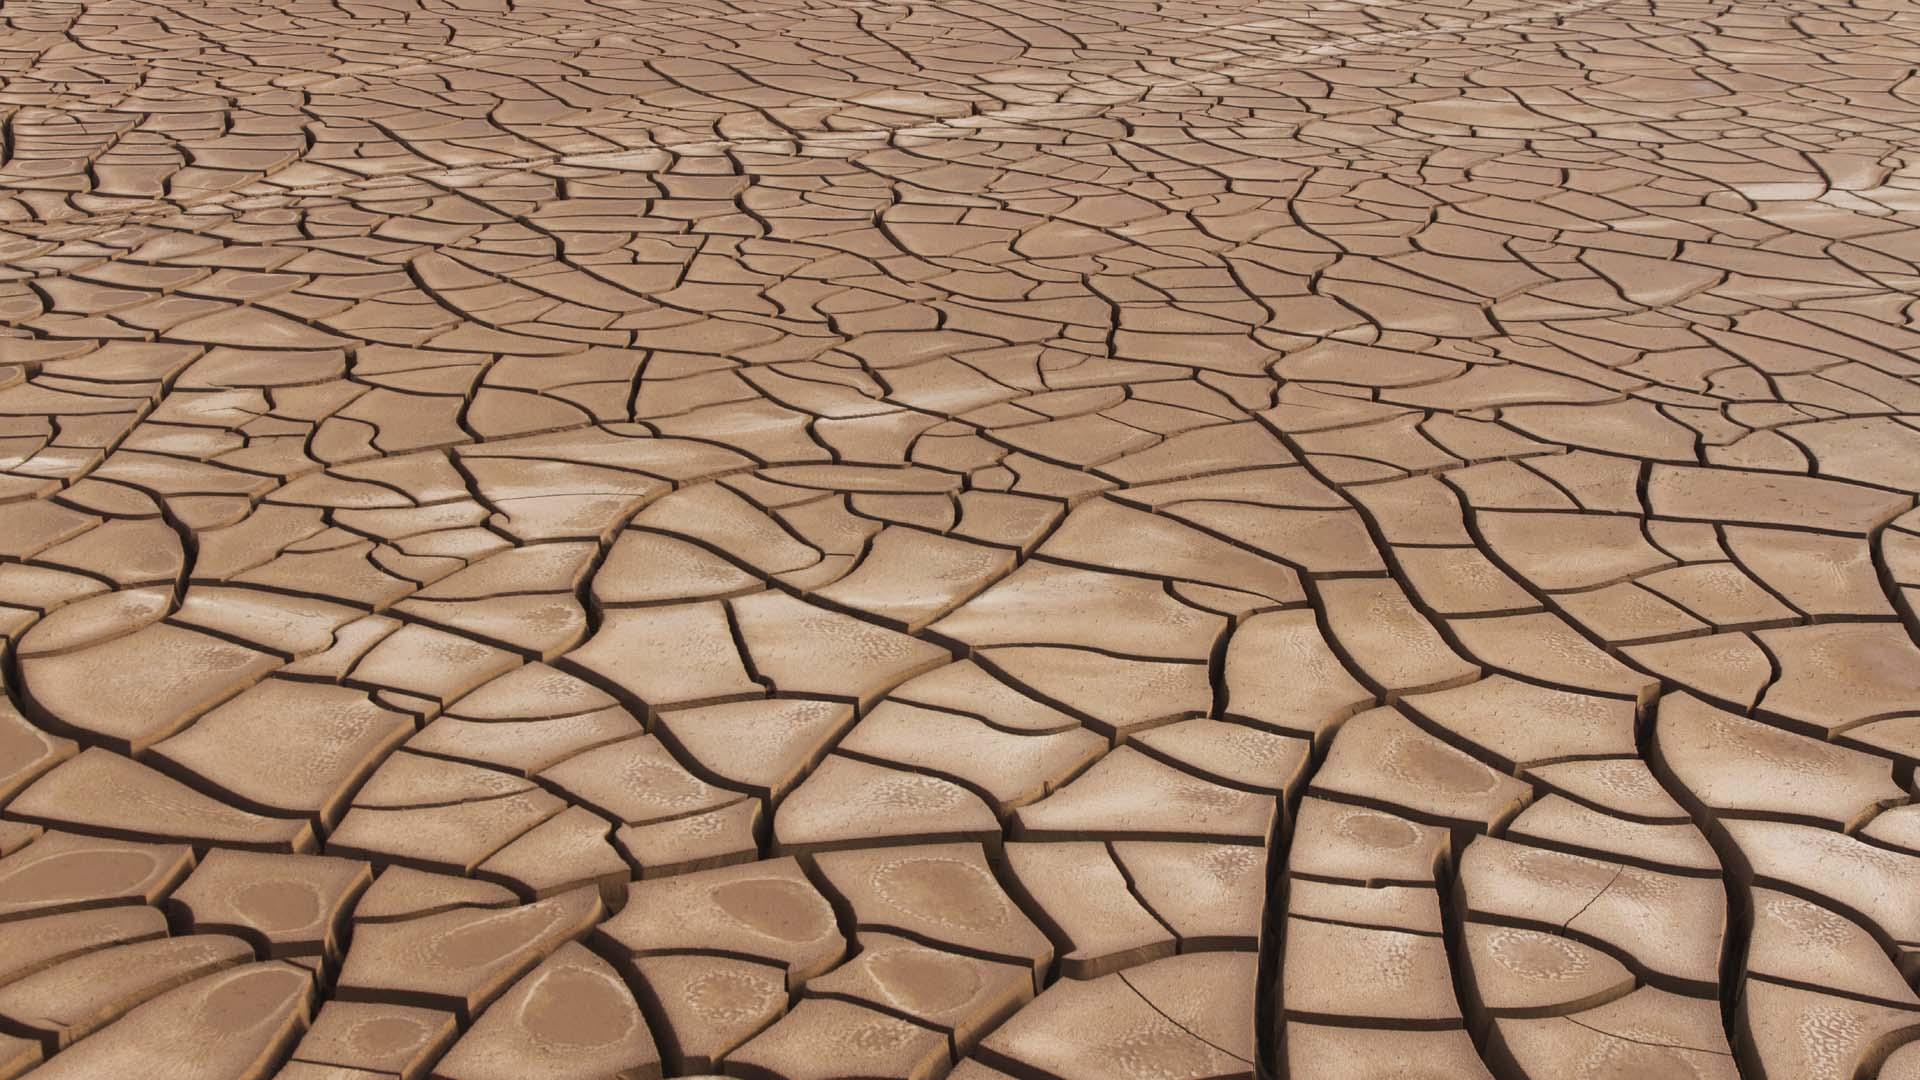 Aunque el país ha sufrido fuertes inundaciones, la peor amenaza parece ser la sequía hasta 2016